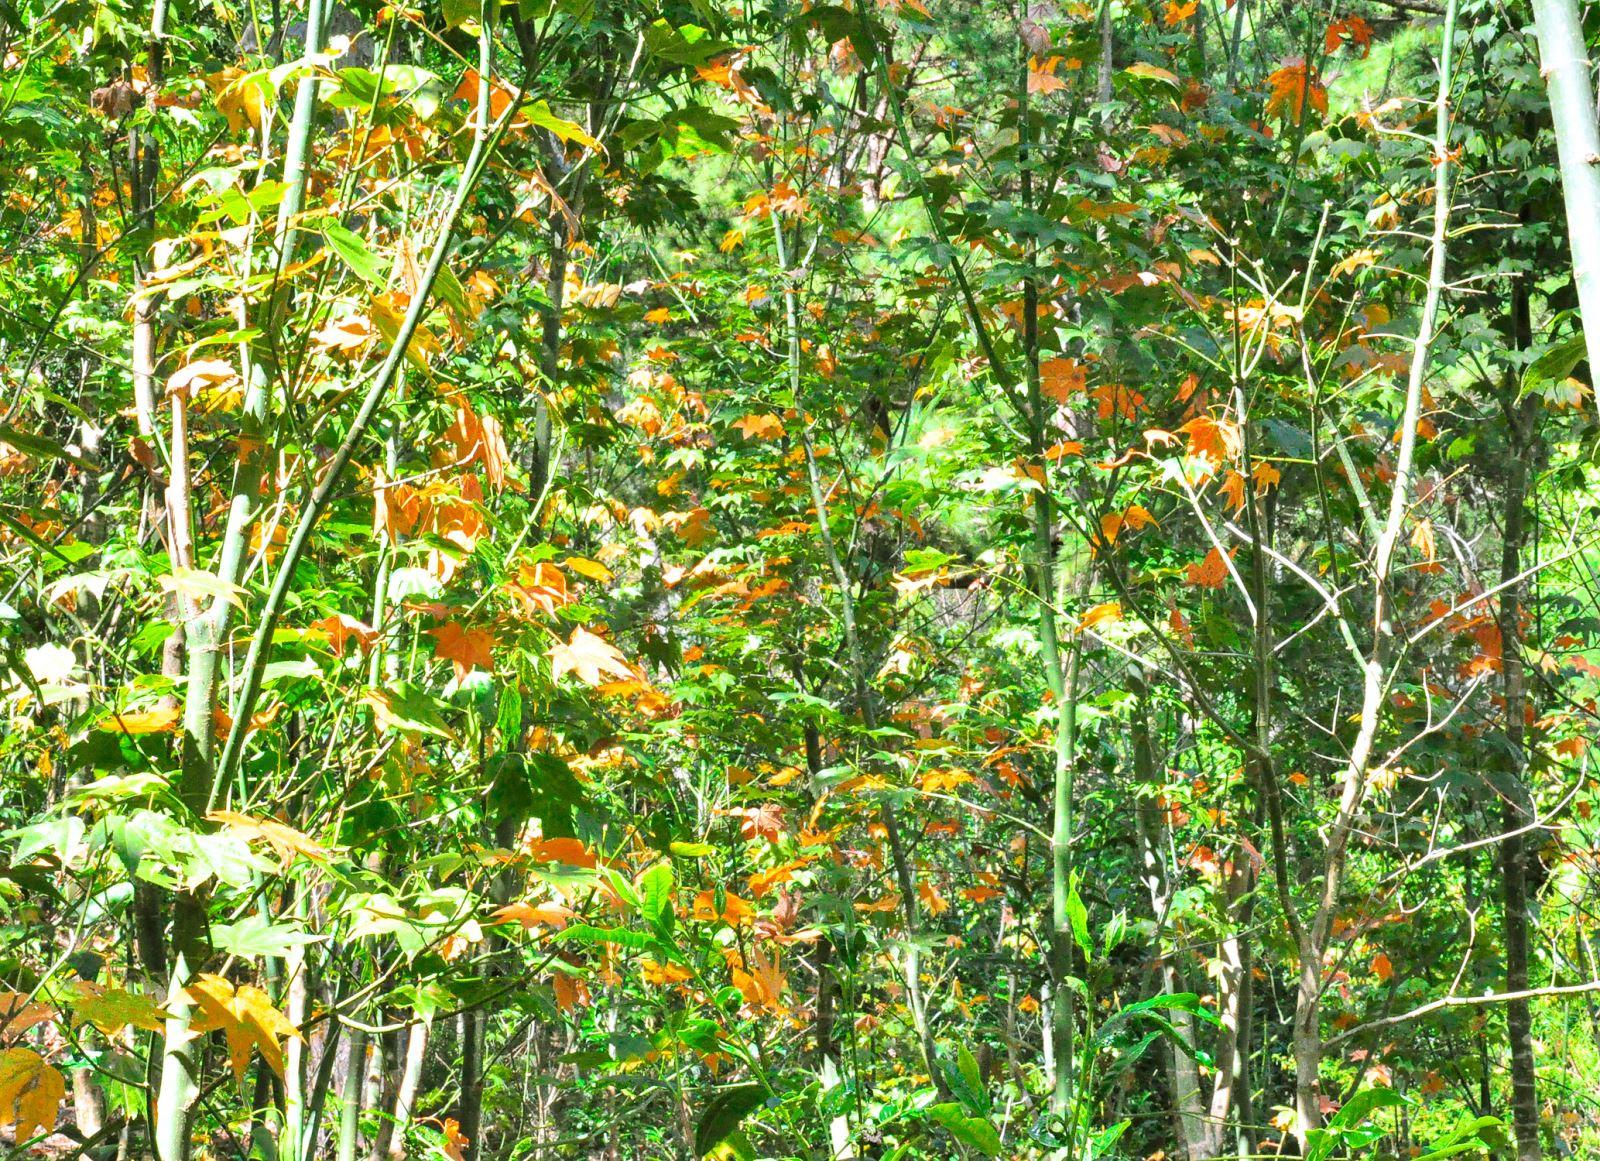 Khám phá mùa thu Nhật Bản ngay tại rừng lá phong Đà Lạt - ảnh 1